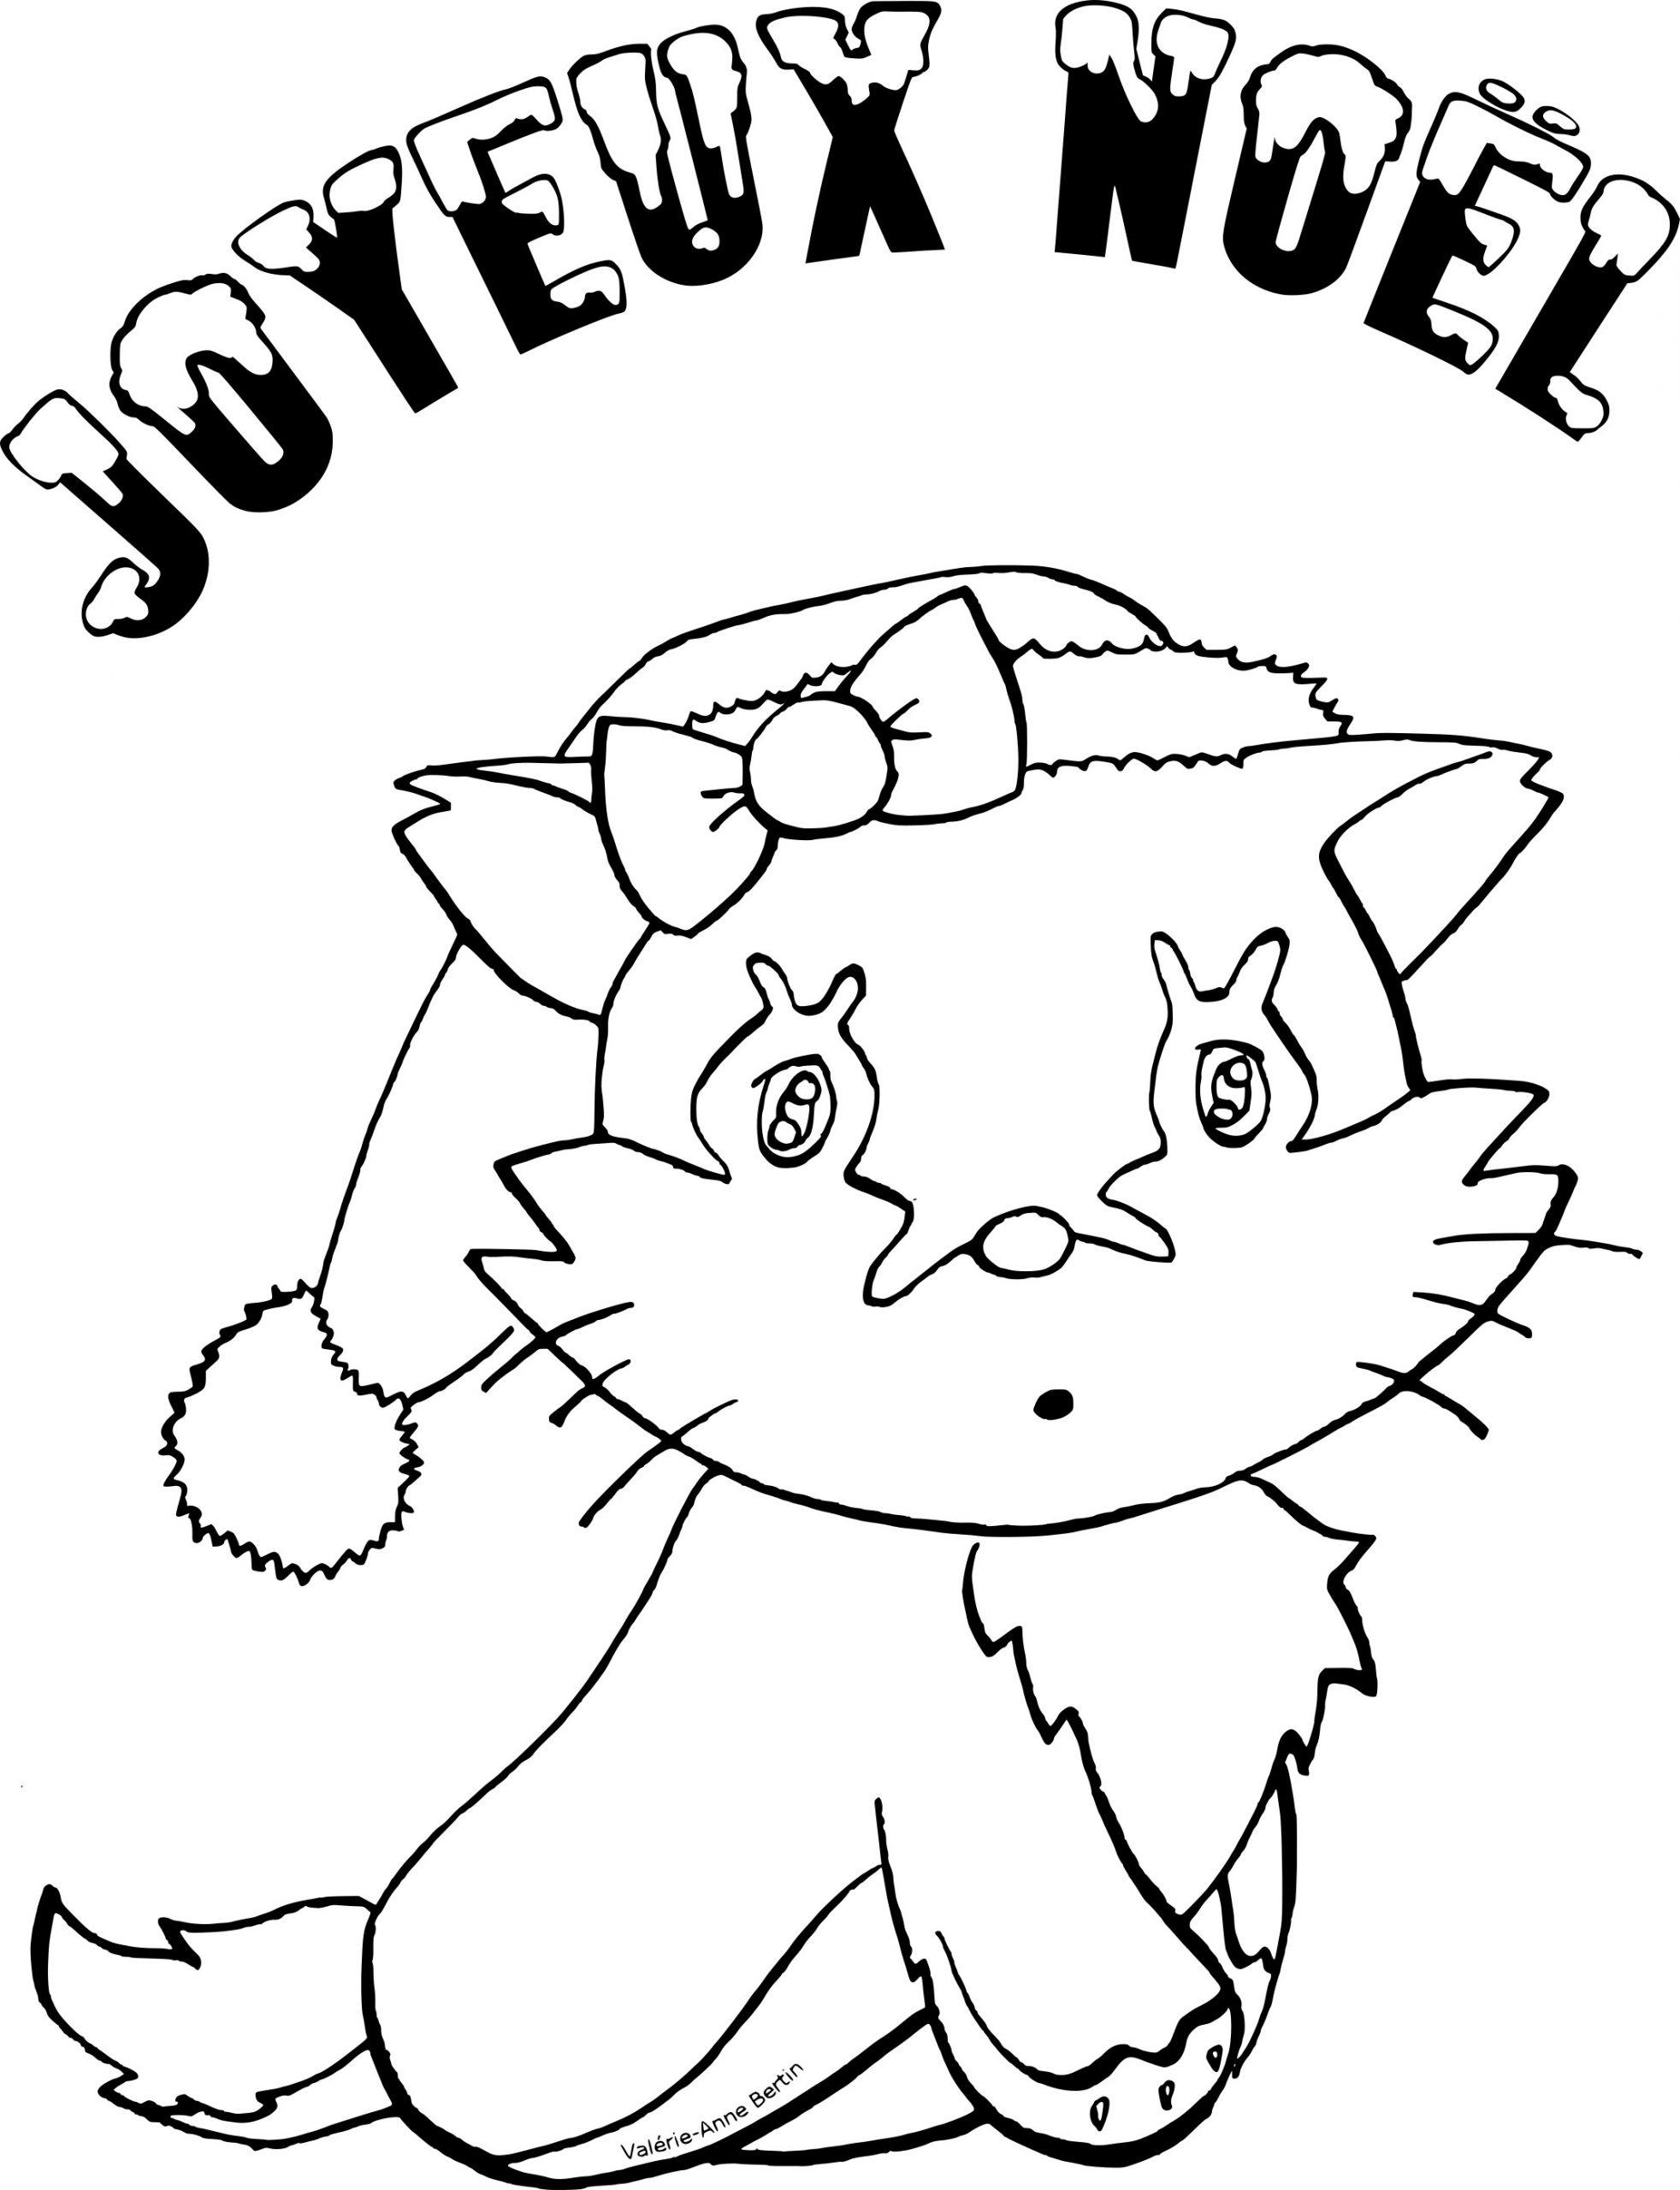 Coloriage Chat Pour Noel À Imprimer Sur Coloriages destiné Coloriage De Chat De Noel